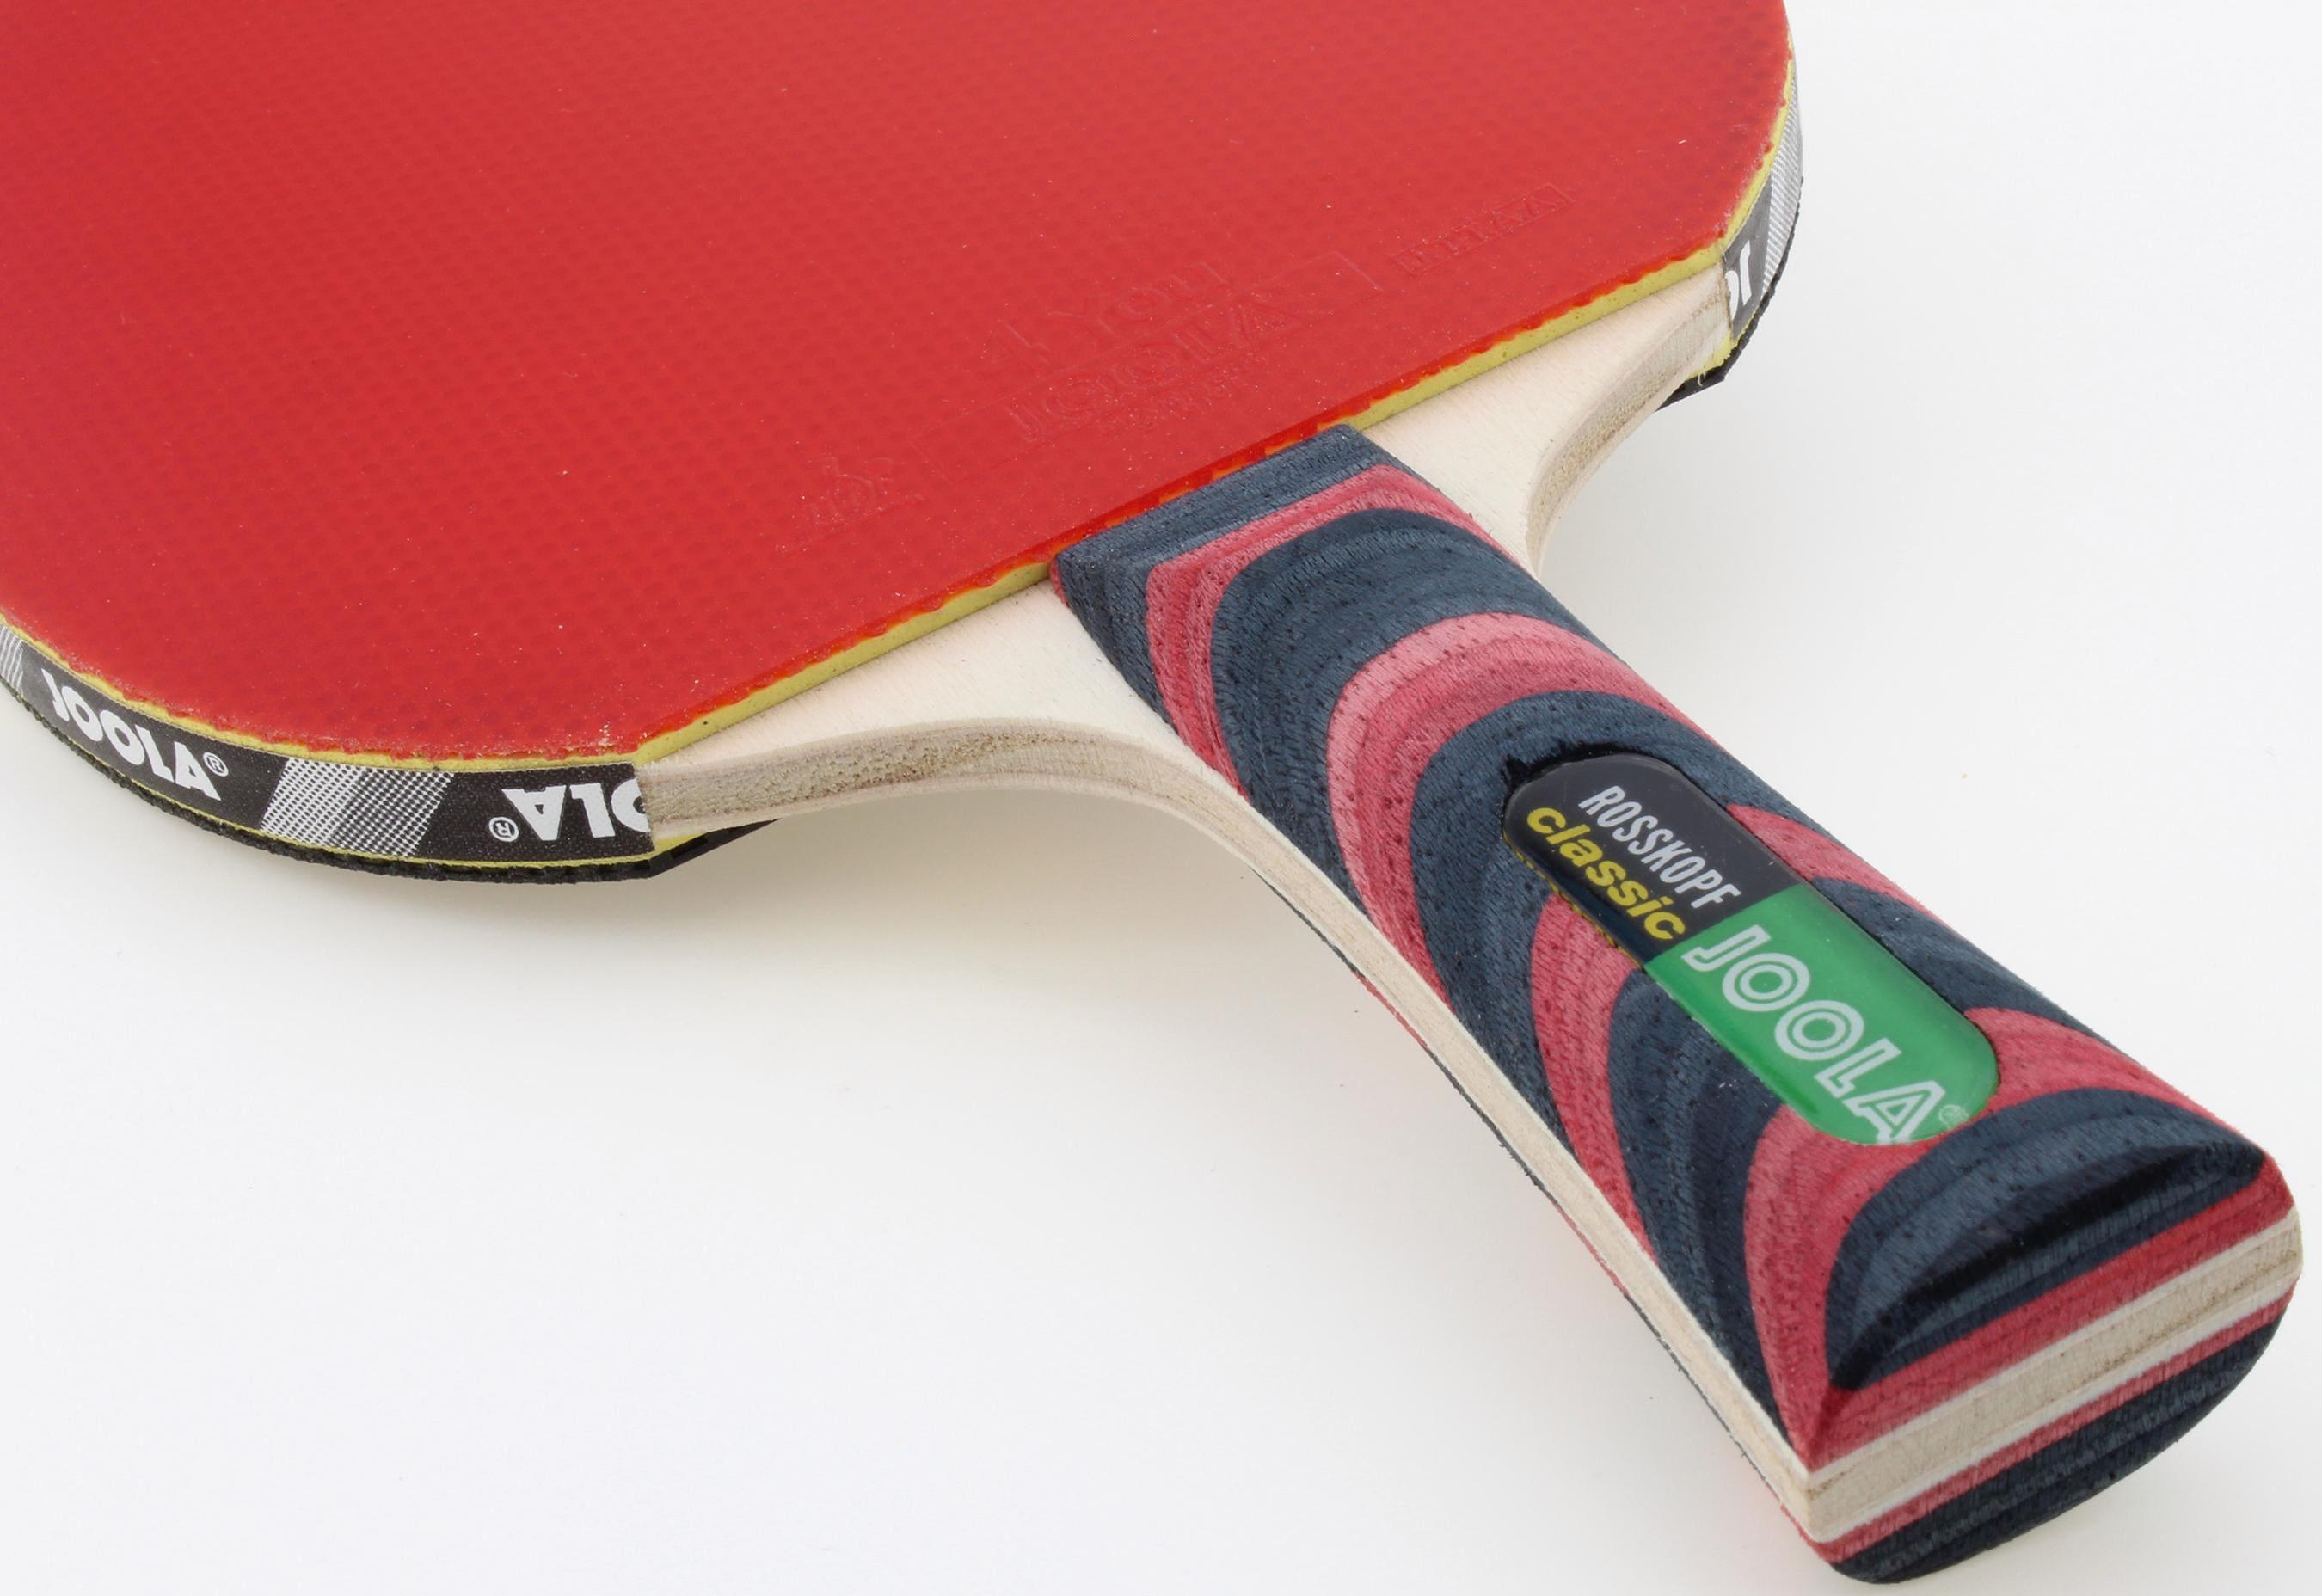 Joola Tischtennisschläger Rosskopf Classic (Packung 2-tlg mit Schlüsselanhänger) Technik & Freizeit/Sport & Freizeit/Sportarten/Tischtennis/Tischtennis-Ausrüstung